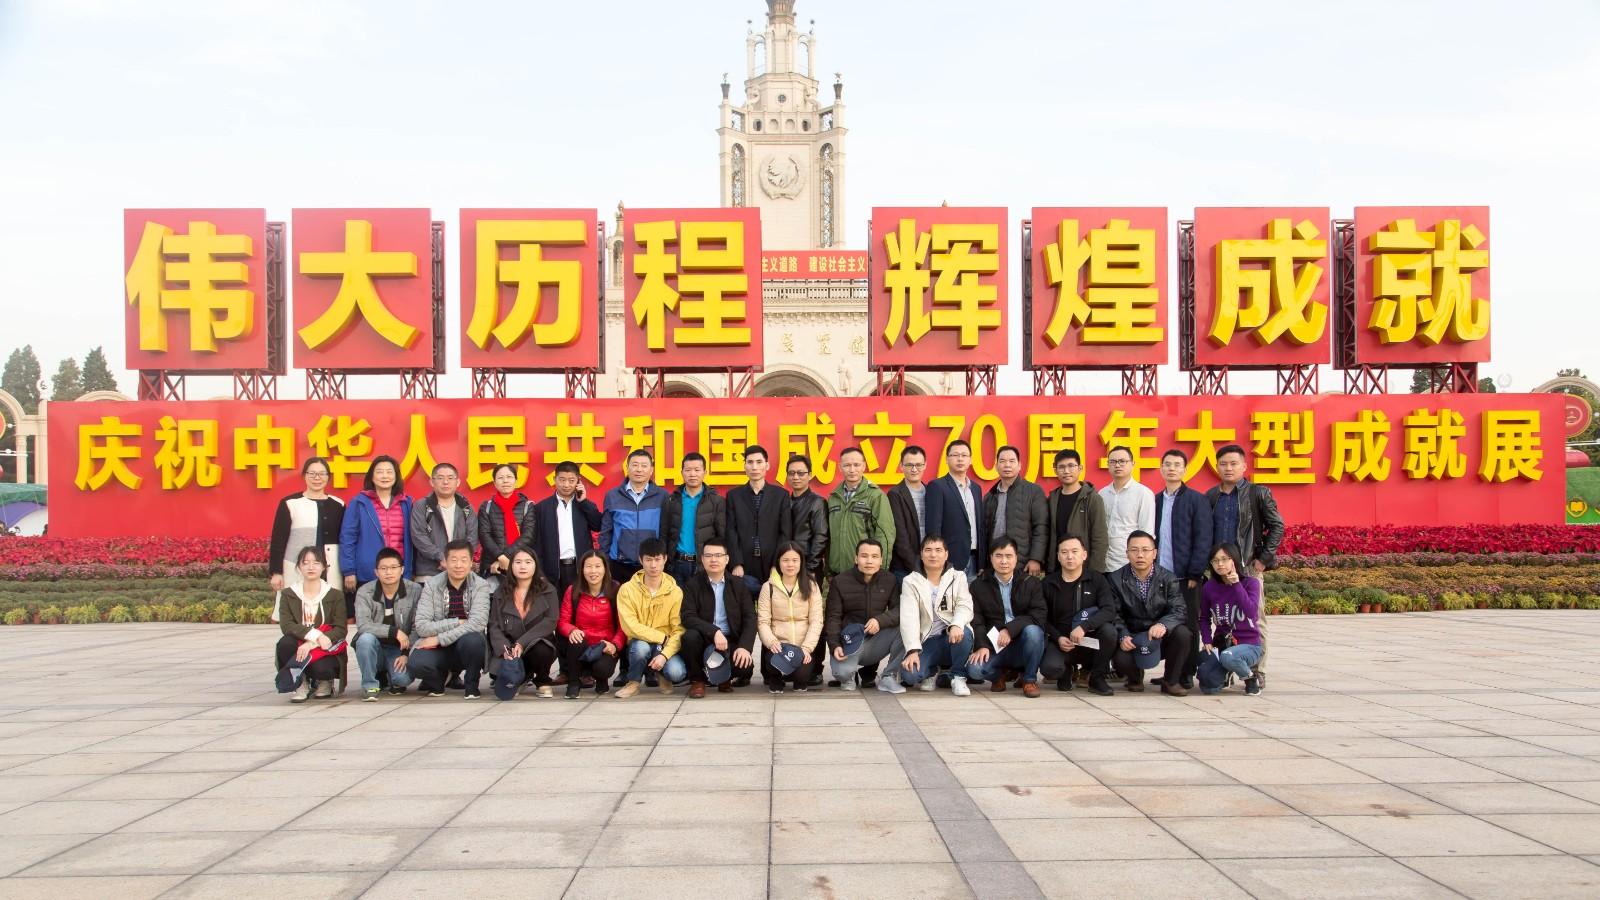 中华人民共和国成立70周年大型成就.jpg